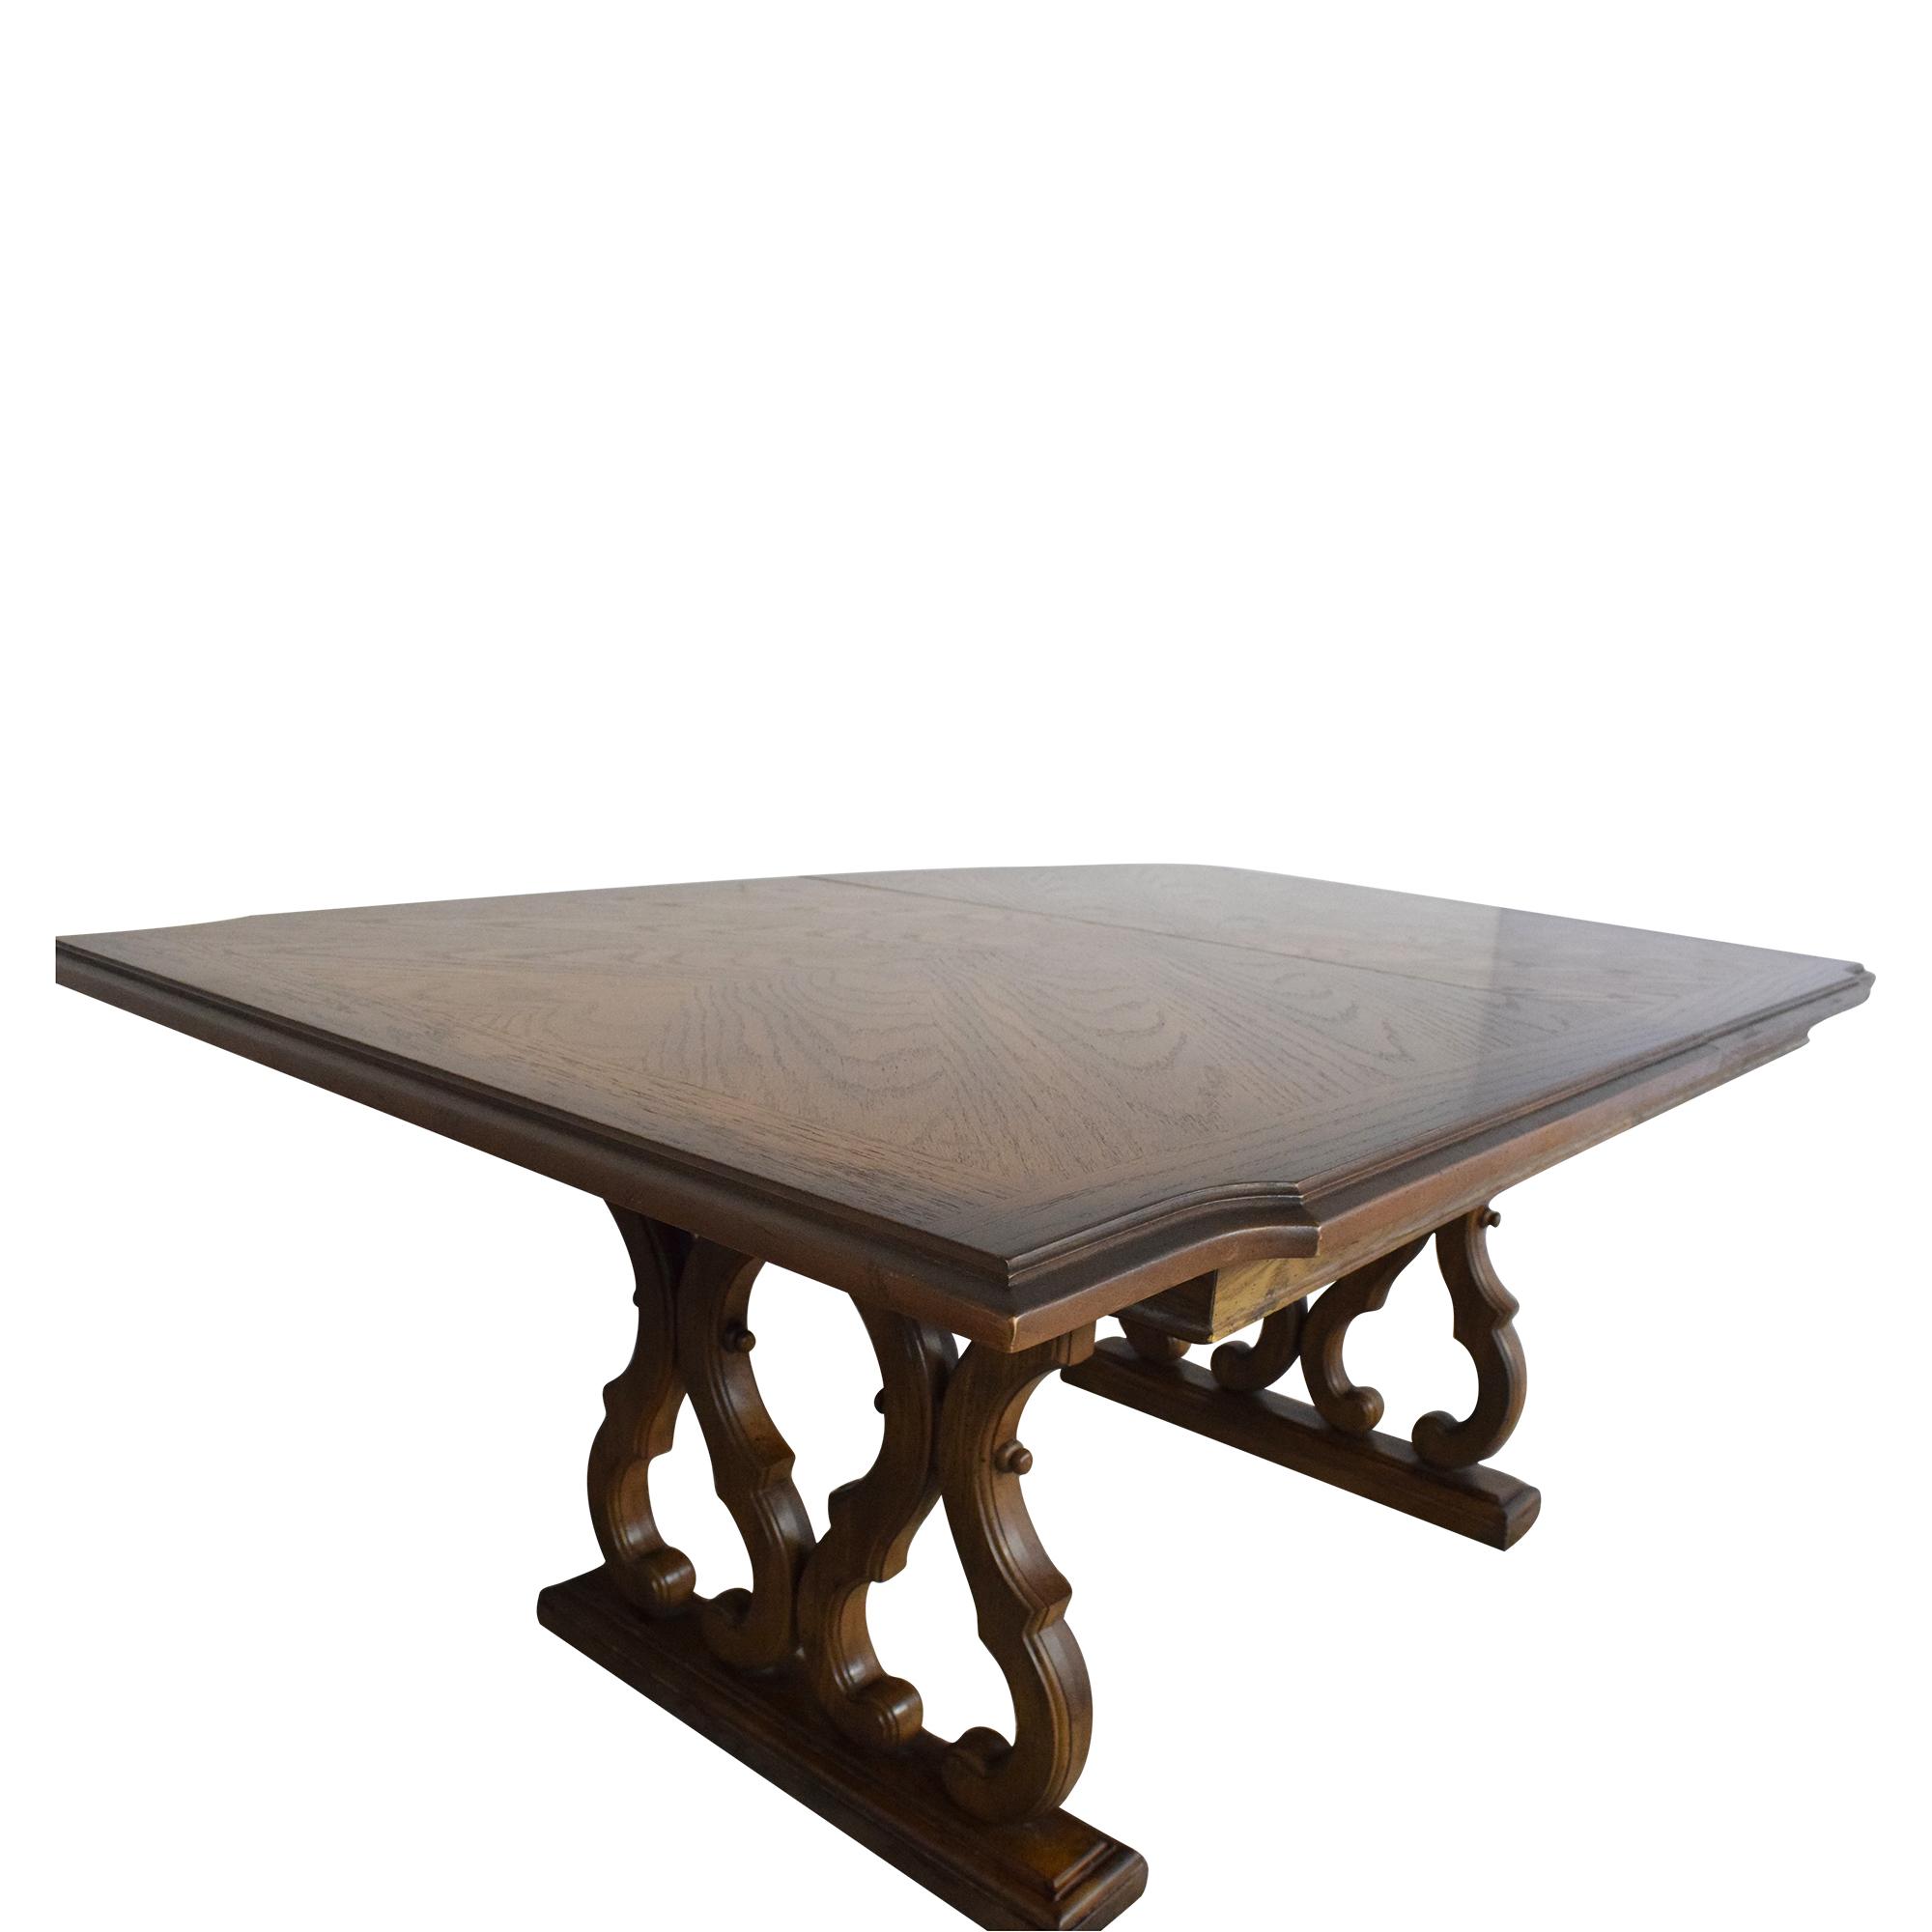 Huffman Koos Huffman Koos Two Pedestal Extending Dining Table dimensions